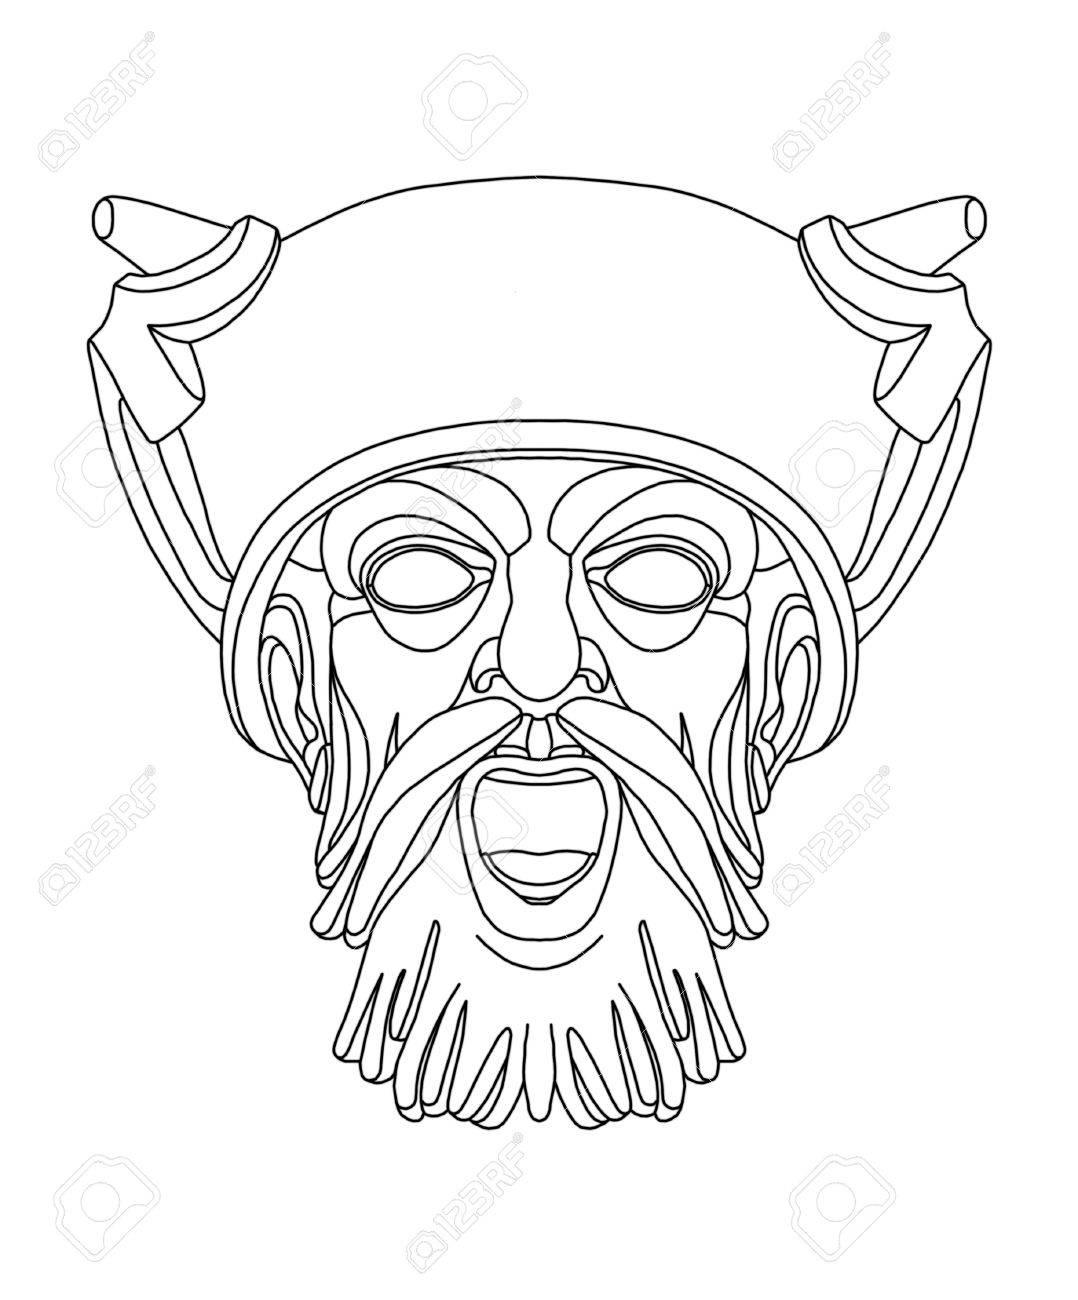 Drama Mask Drawing At Getdrawings